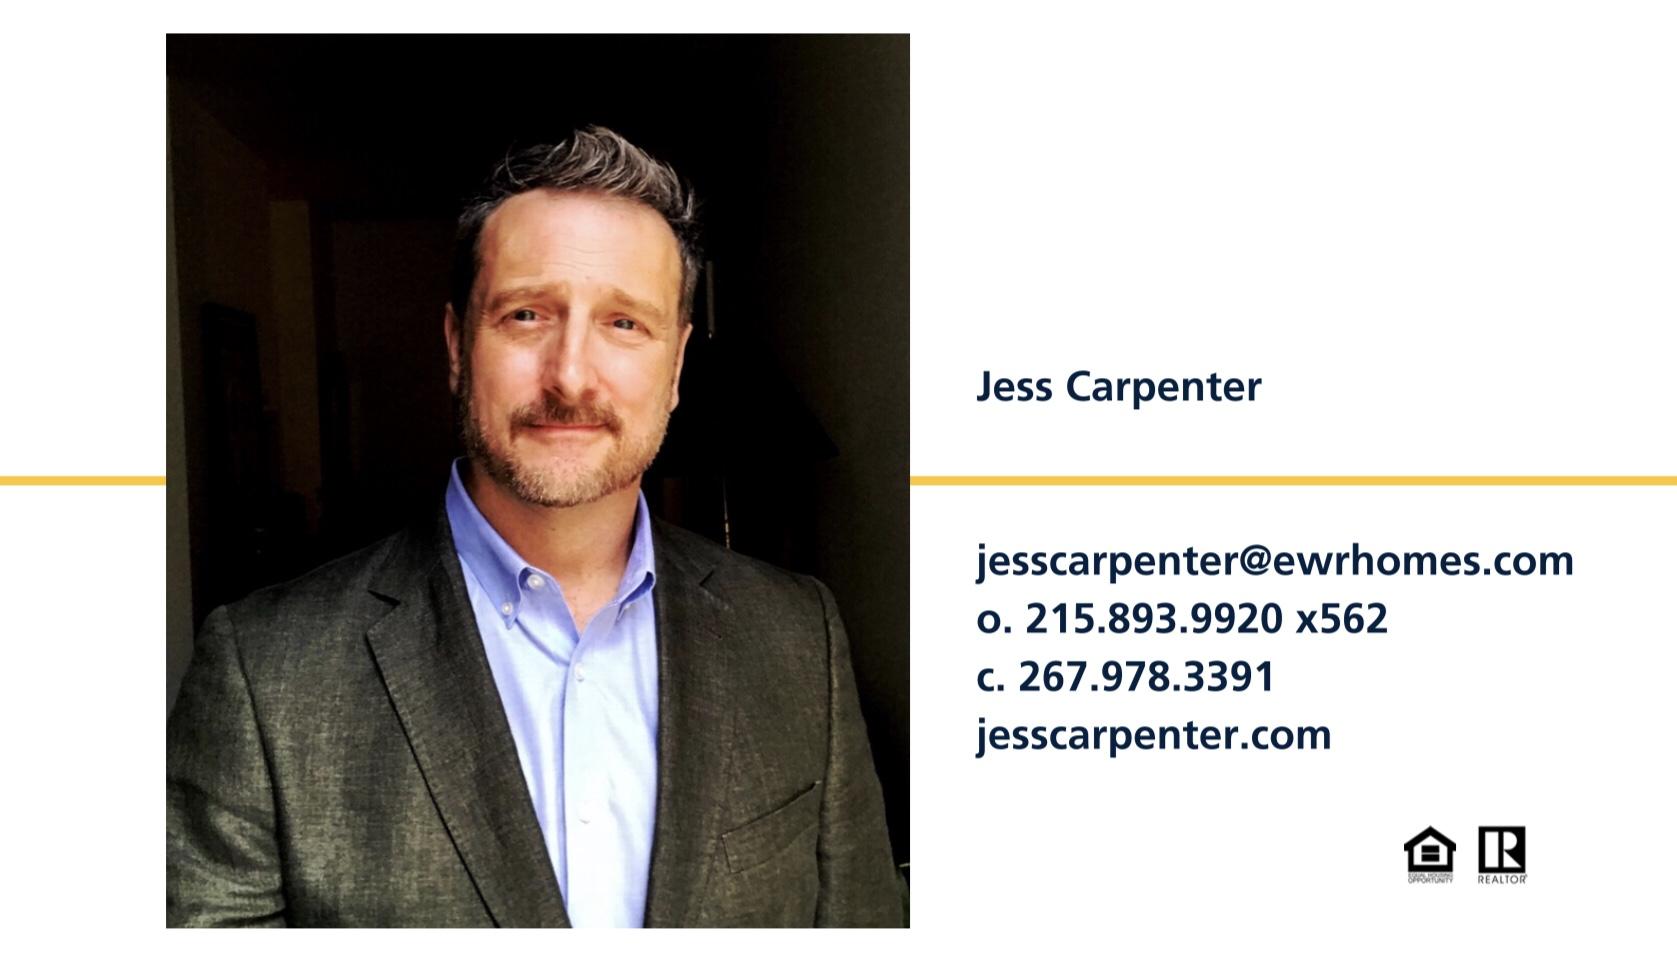 Jess Carpenter